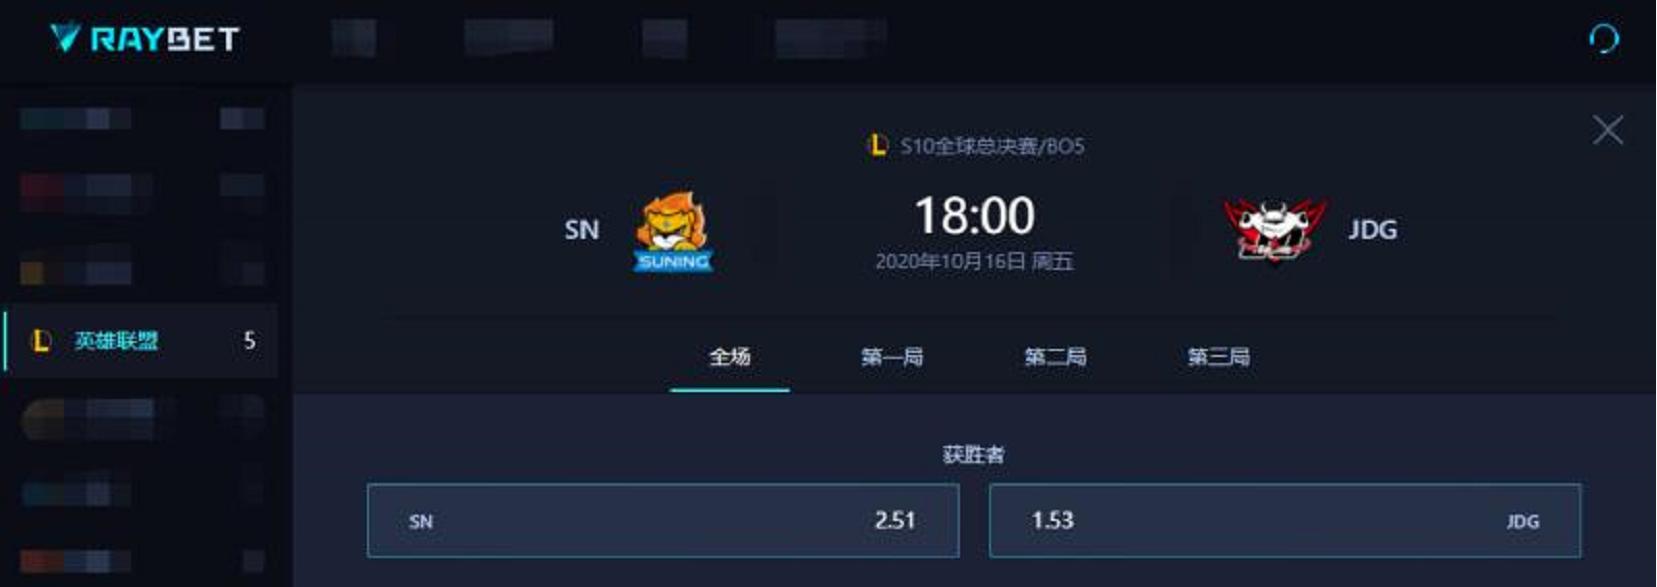 SN对JDG胜率这么低?回看两年的比赛,SN这次世界赛太难